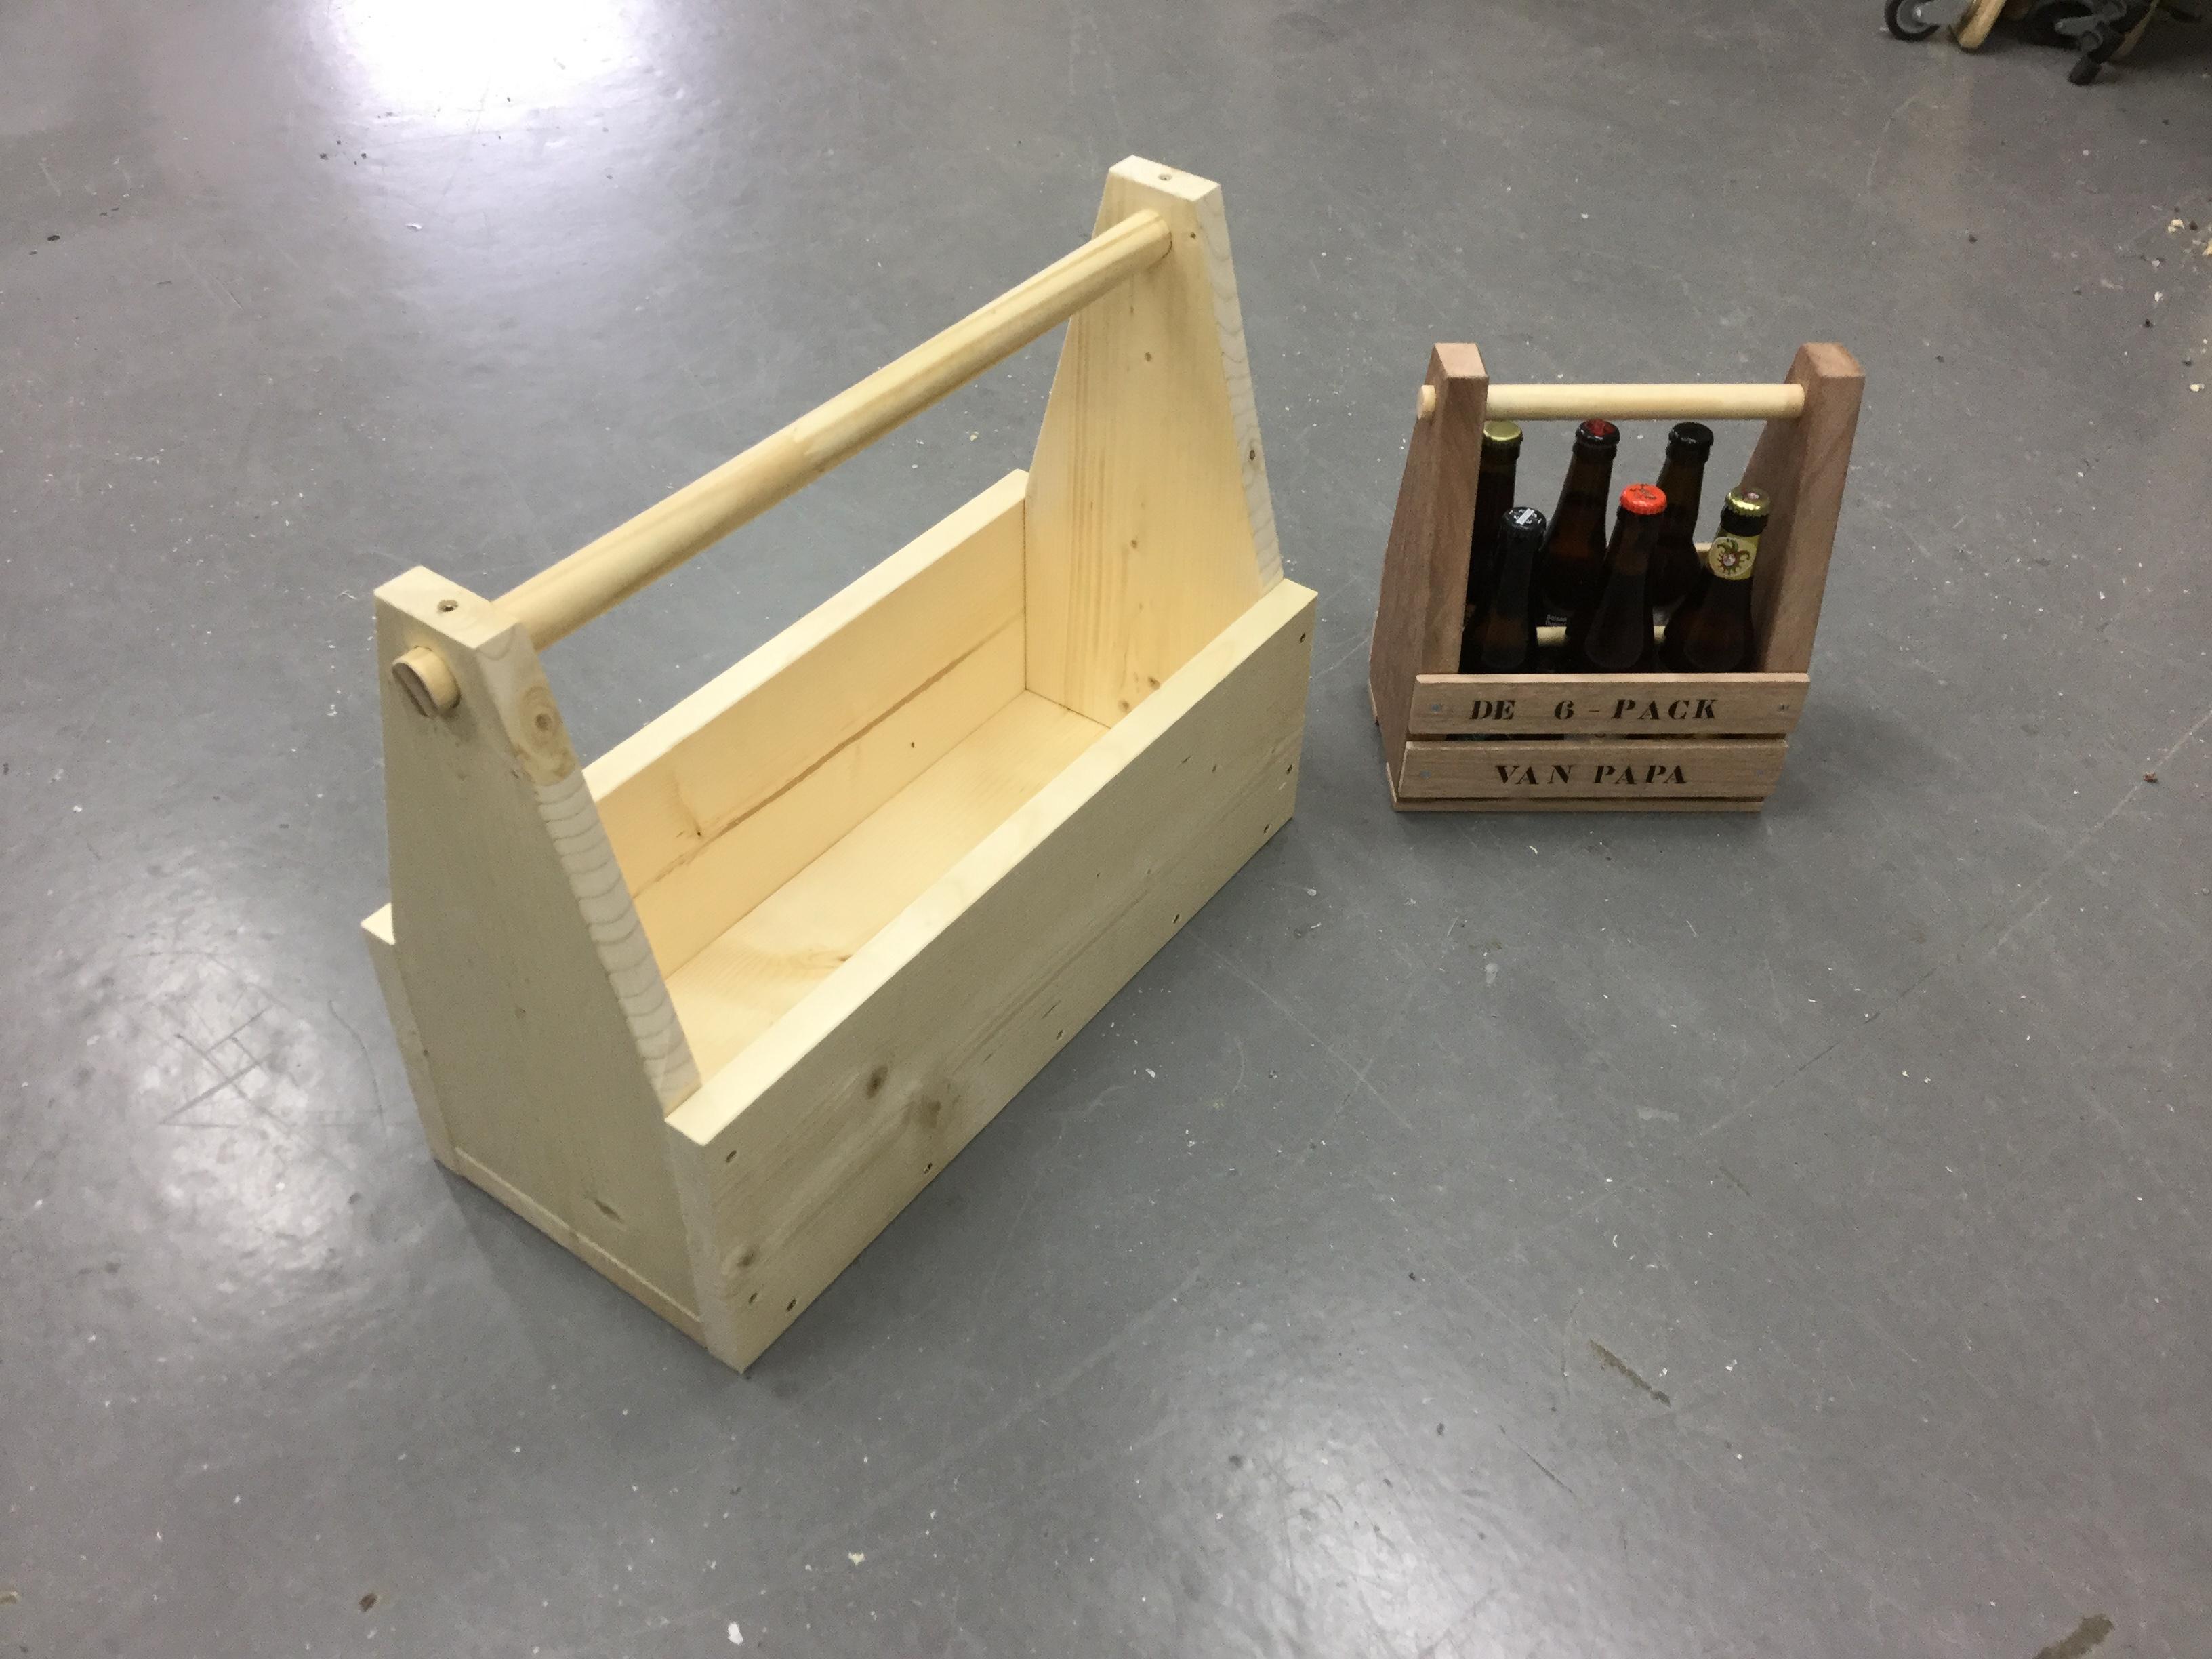 Populair 6 pack houder maken van hout | voordemakers.nl #NM91